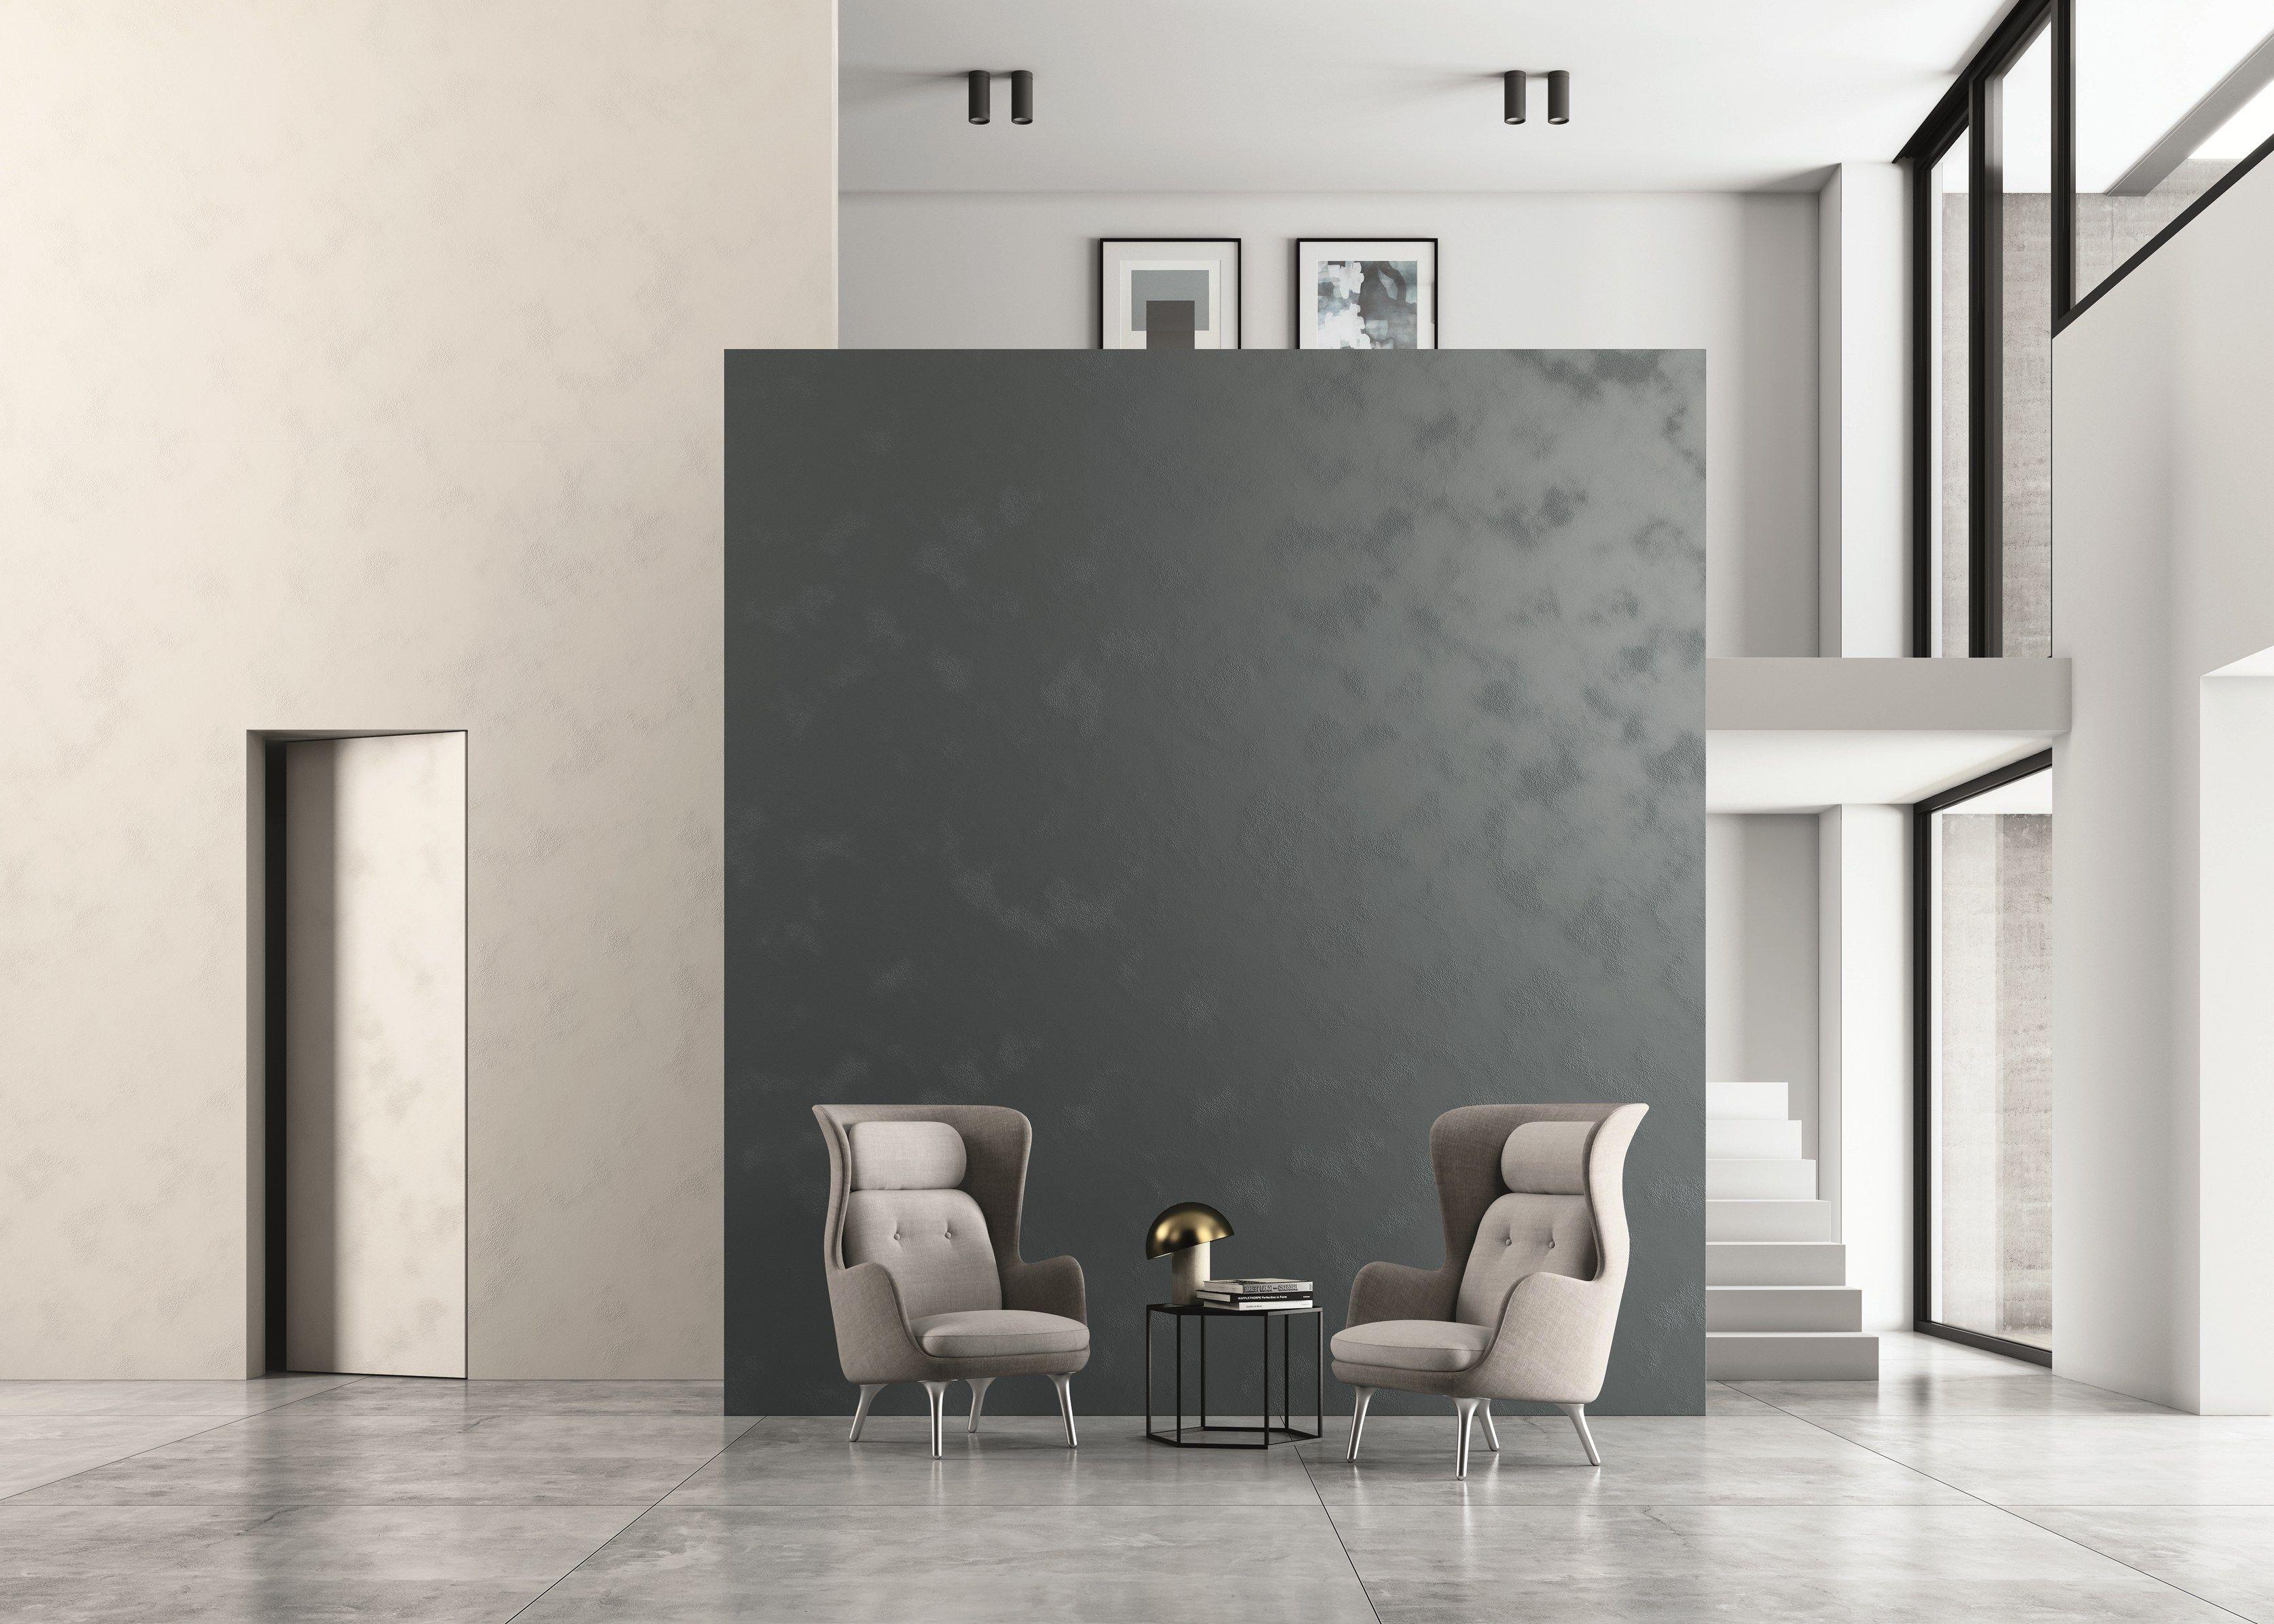 finitura decorativa effetto sabbia per interni marcopolo